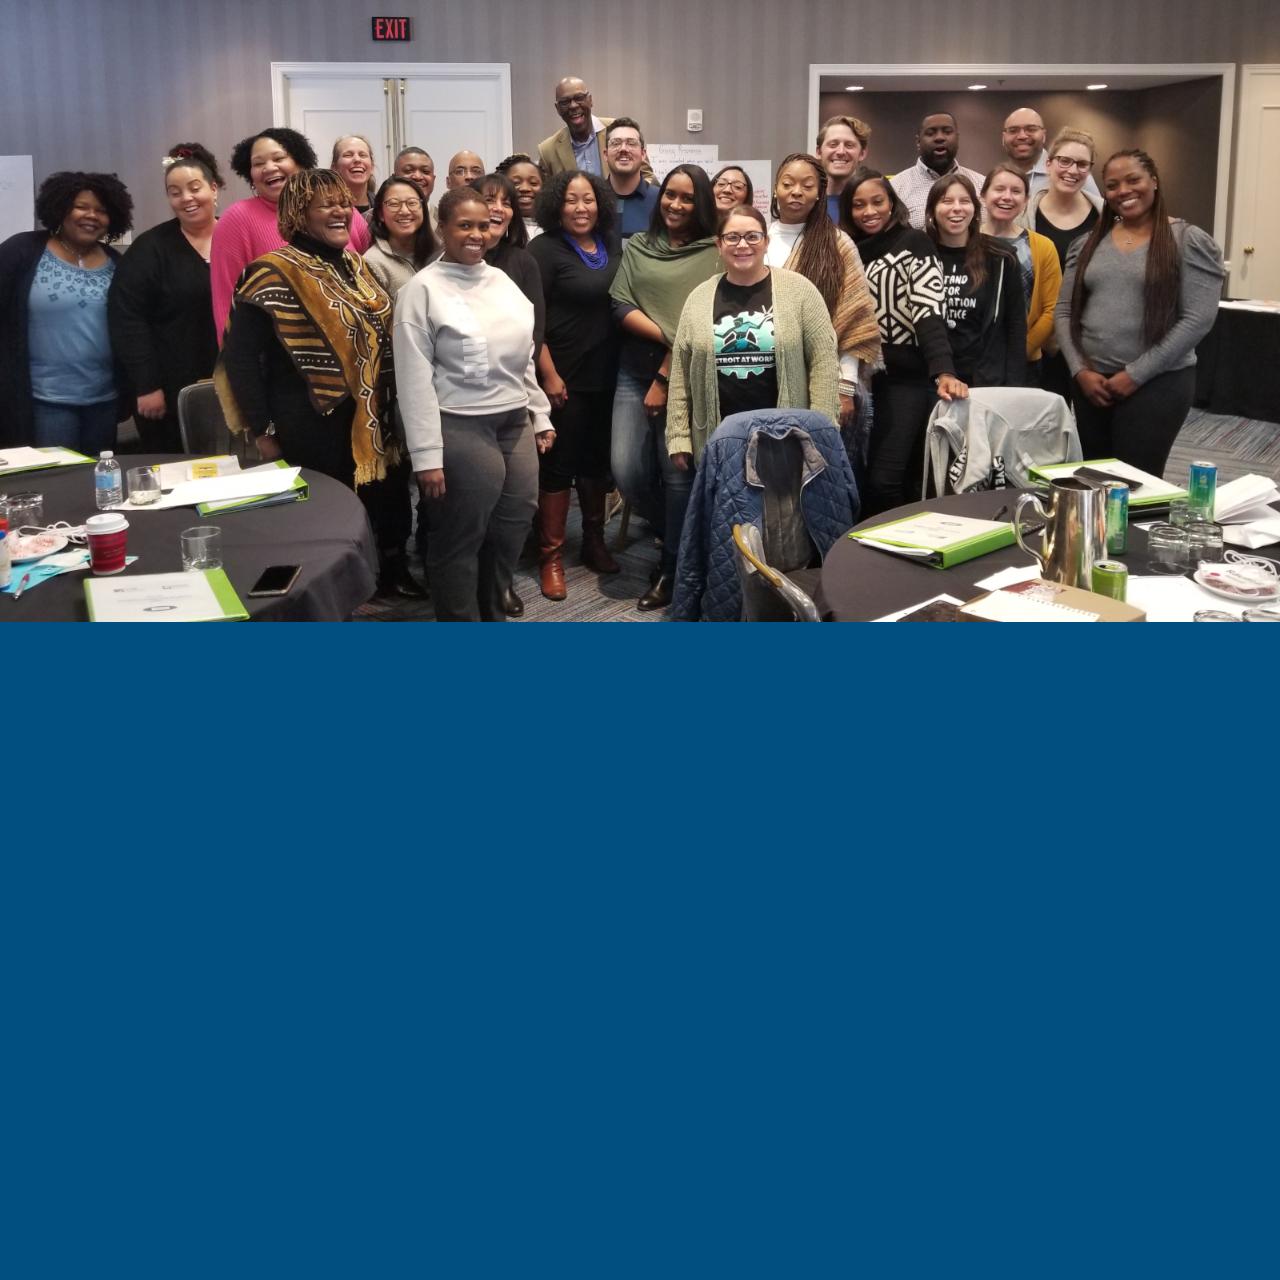 Members of the Detroit Workforce Leadership Academy